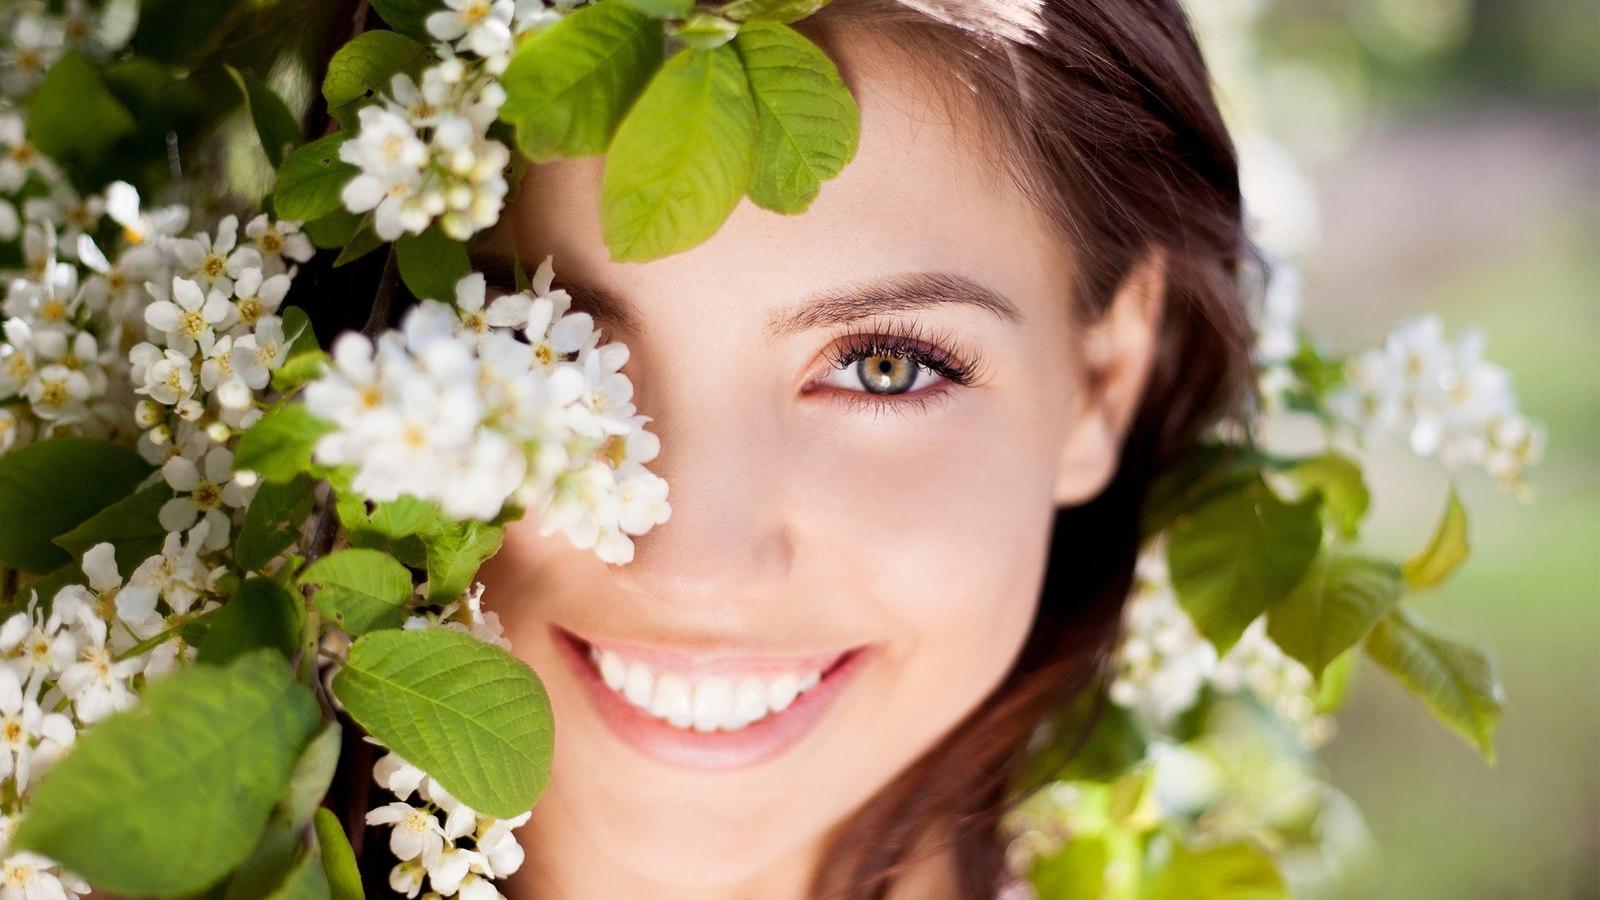 Новости Медицина - Секреты красоты в обычной жвачке и обычной ложке